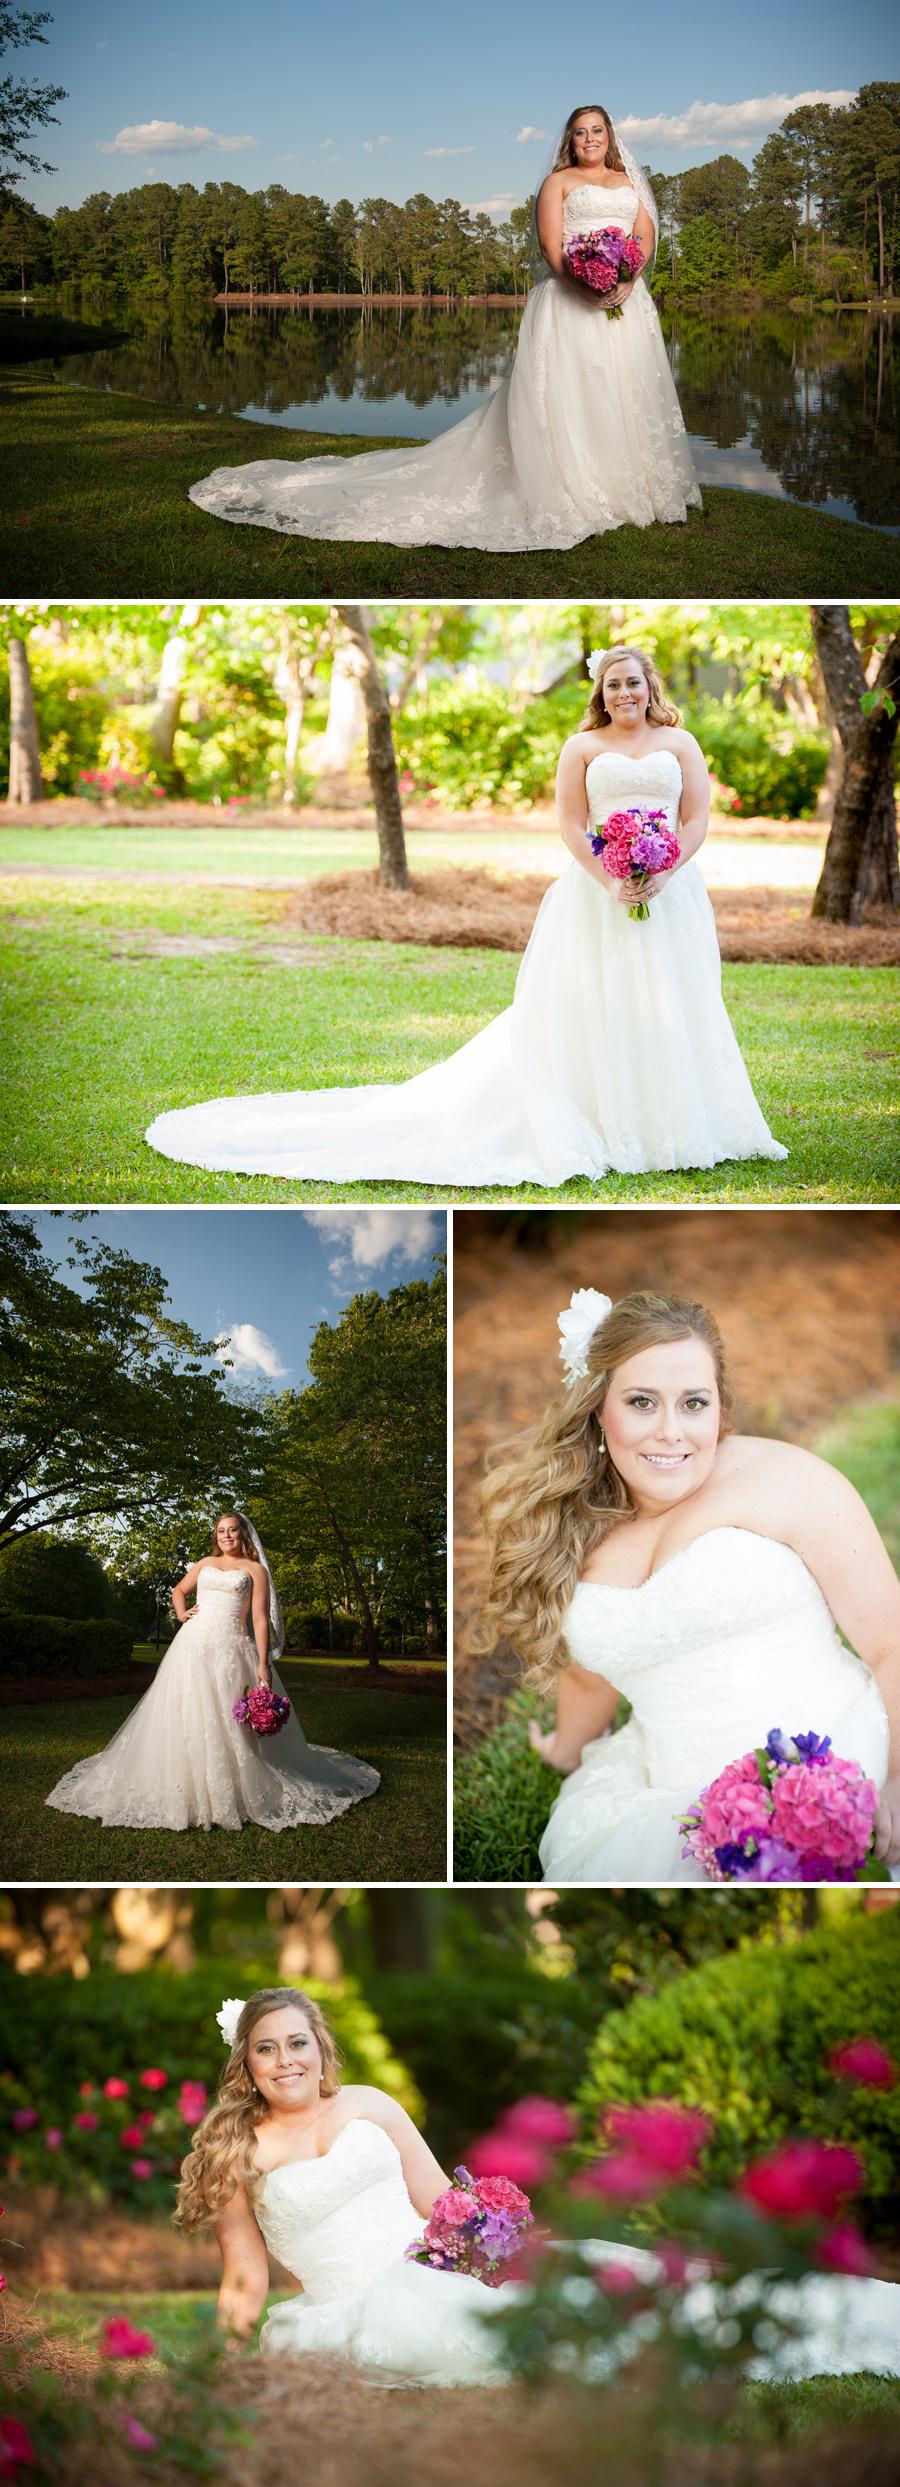 tricia bridal